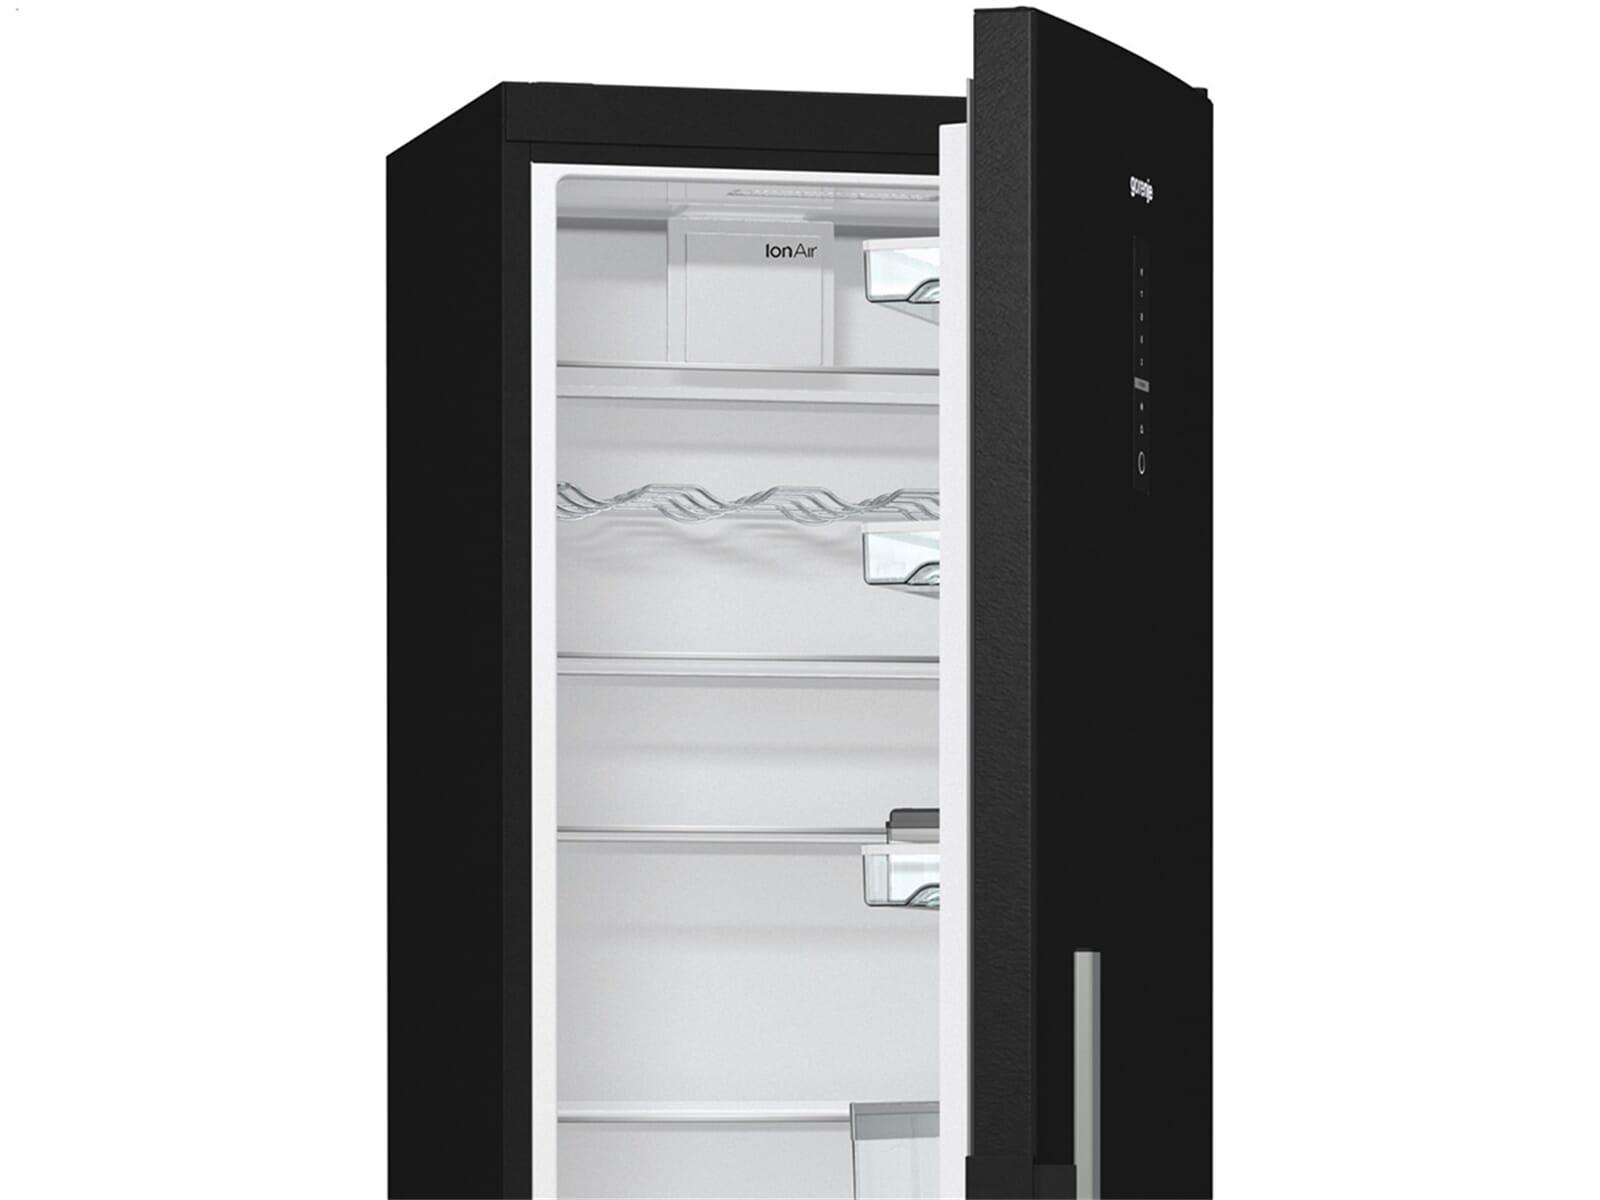 gorenje r 6193 lb standk hlschrank black. Black Bedroom Furniture Sets. Home Design Ideas